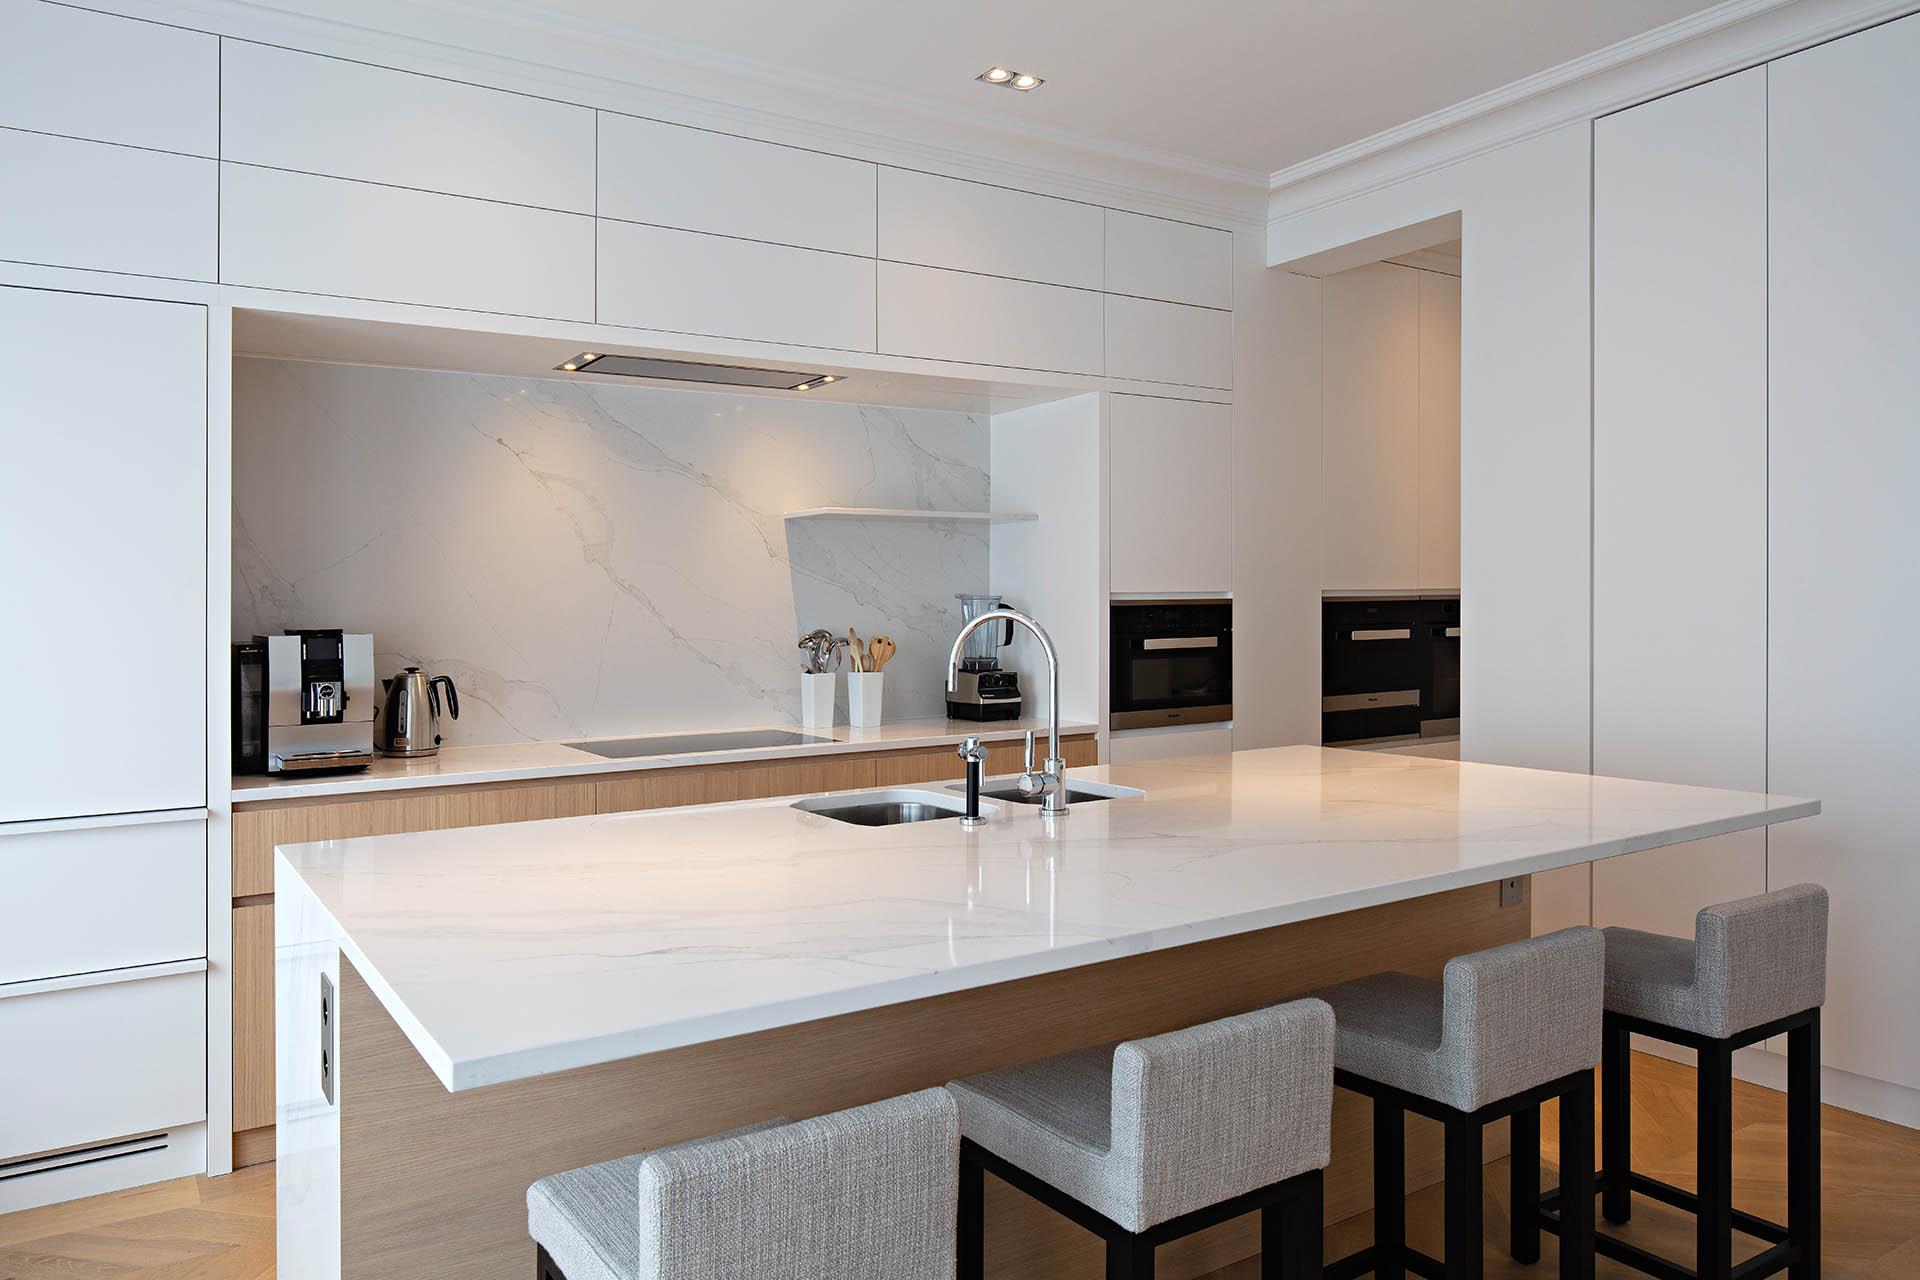 Wunderschöne Designerküche aus Compac Calacatta